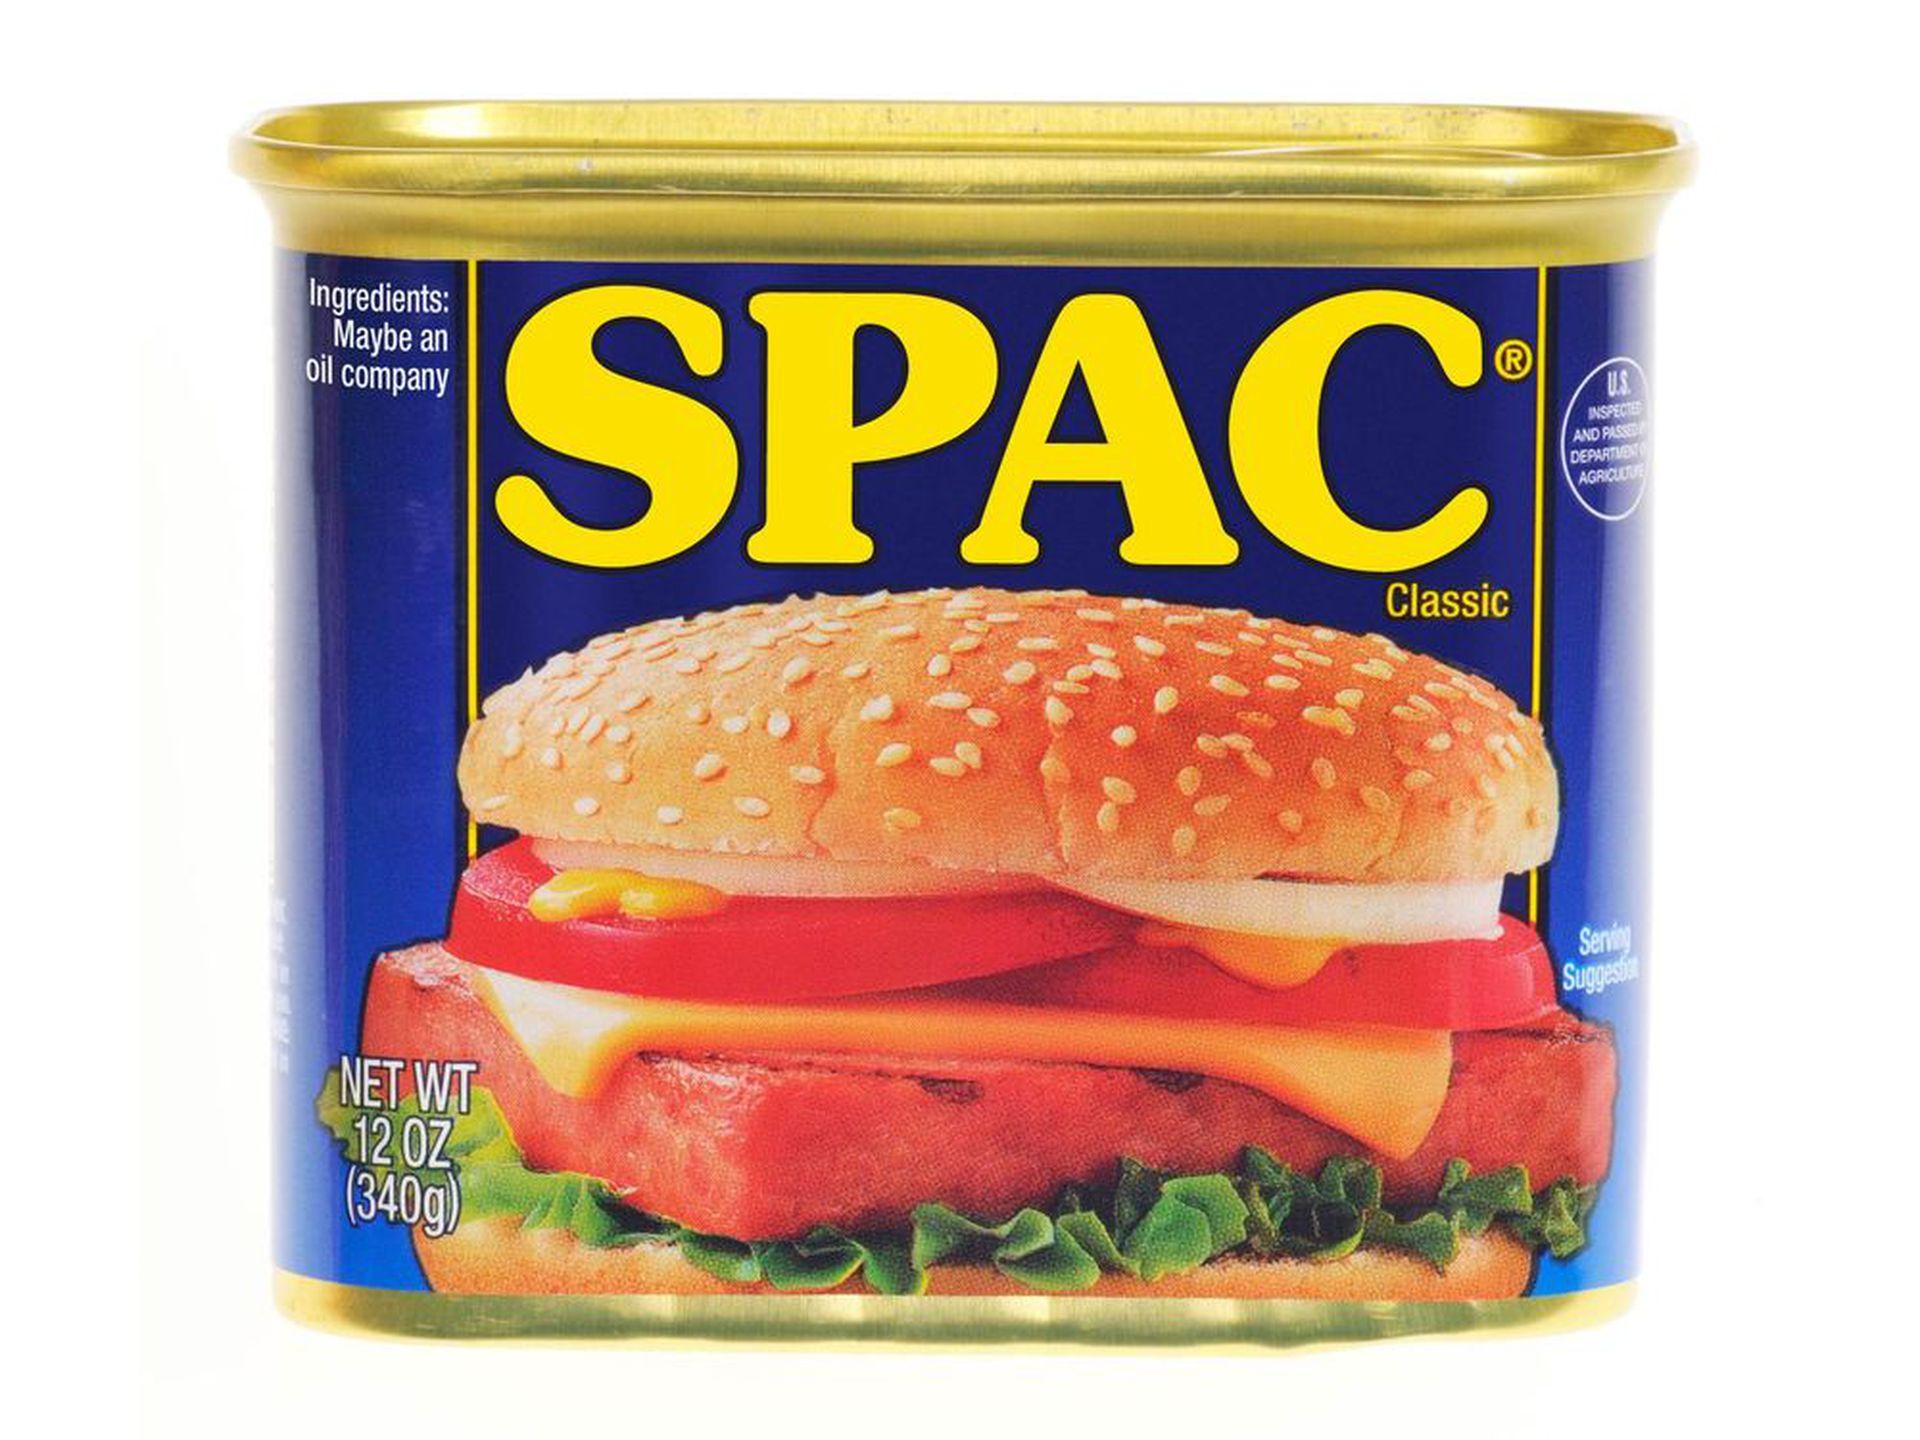 美國SPAC退熱 台灣跟進「夠資格」嗎  巨子點評